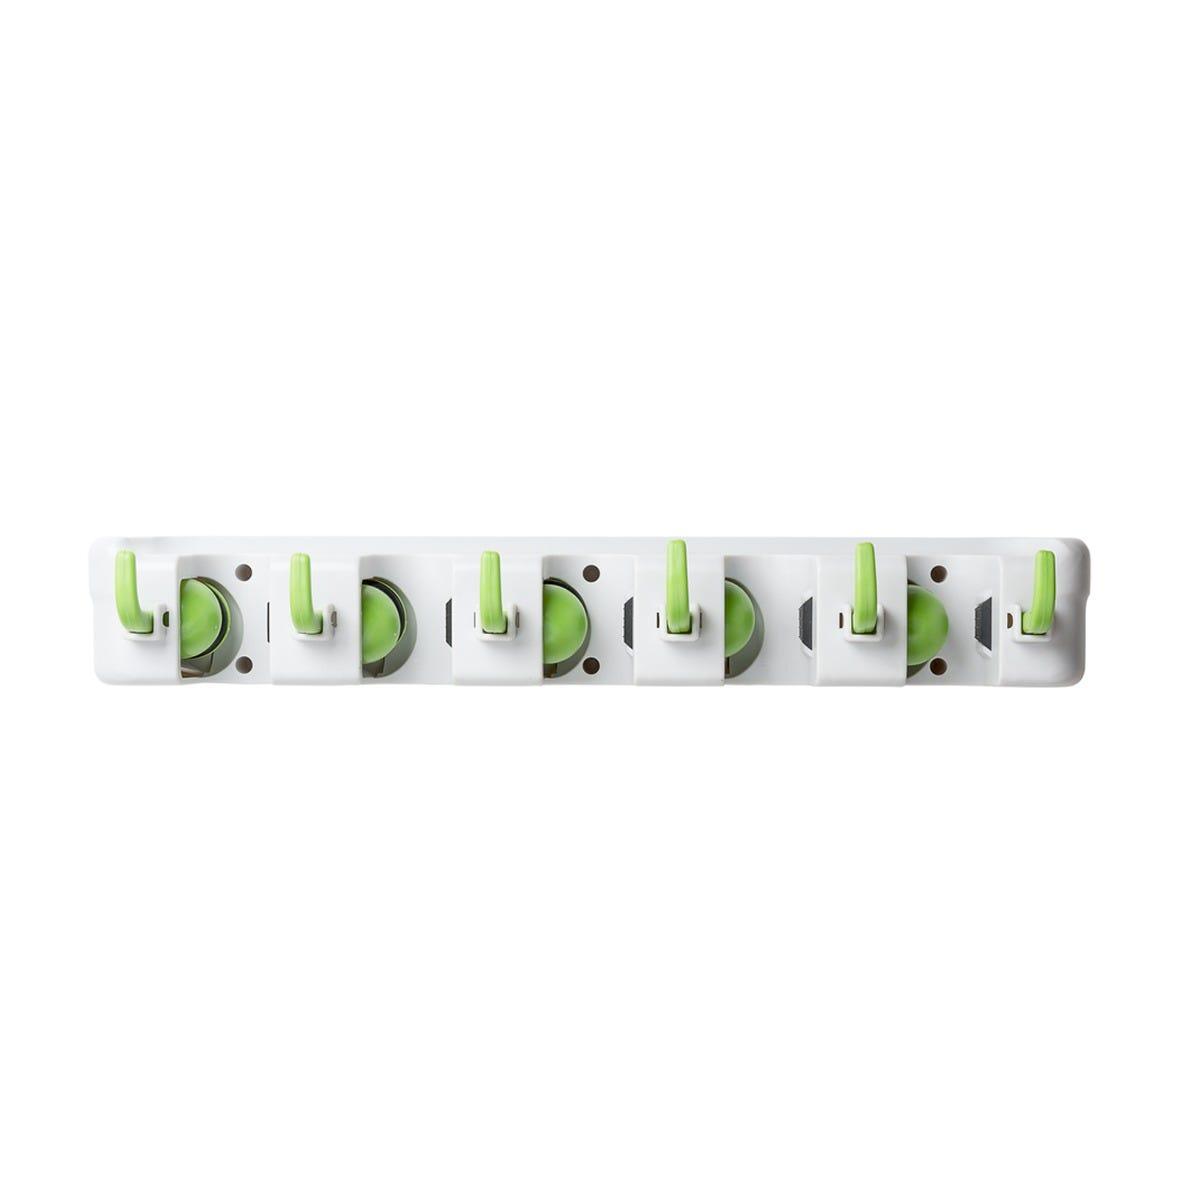 Organizador Virutex® Cretiva para escobas y trapeadores